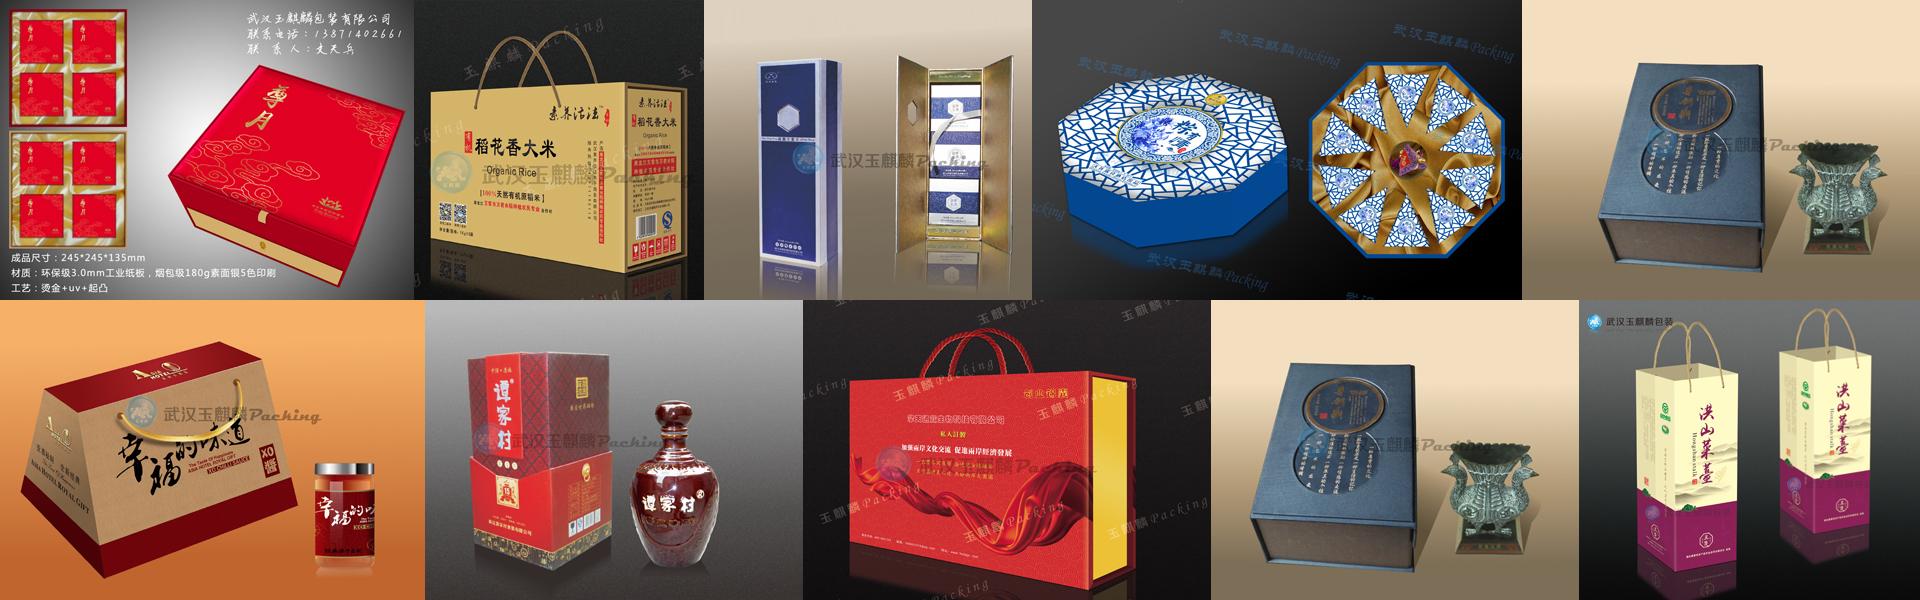 AG贵宾会网站首页大图之一-武汉食品包装盒案例